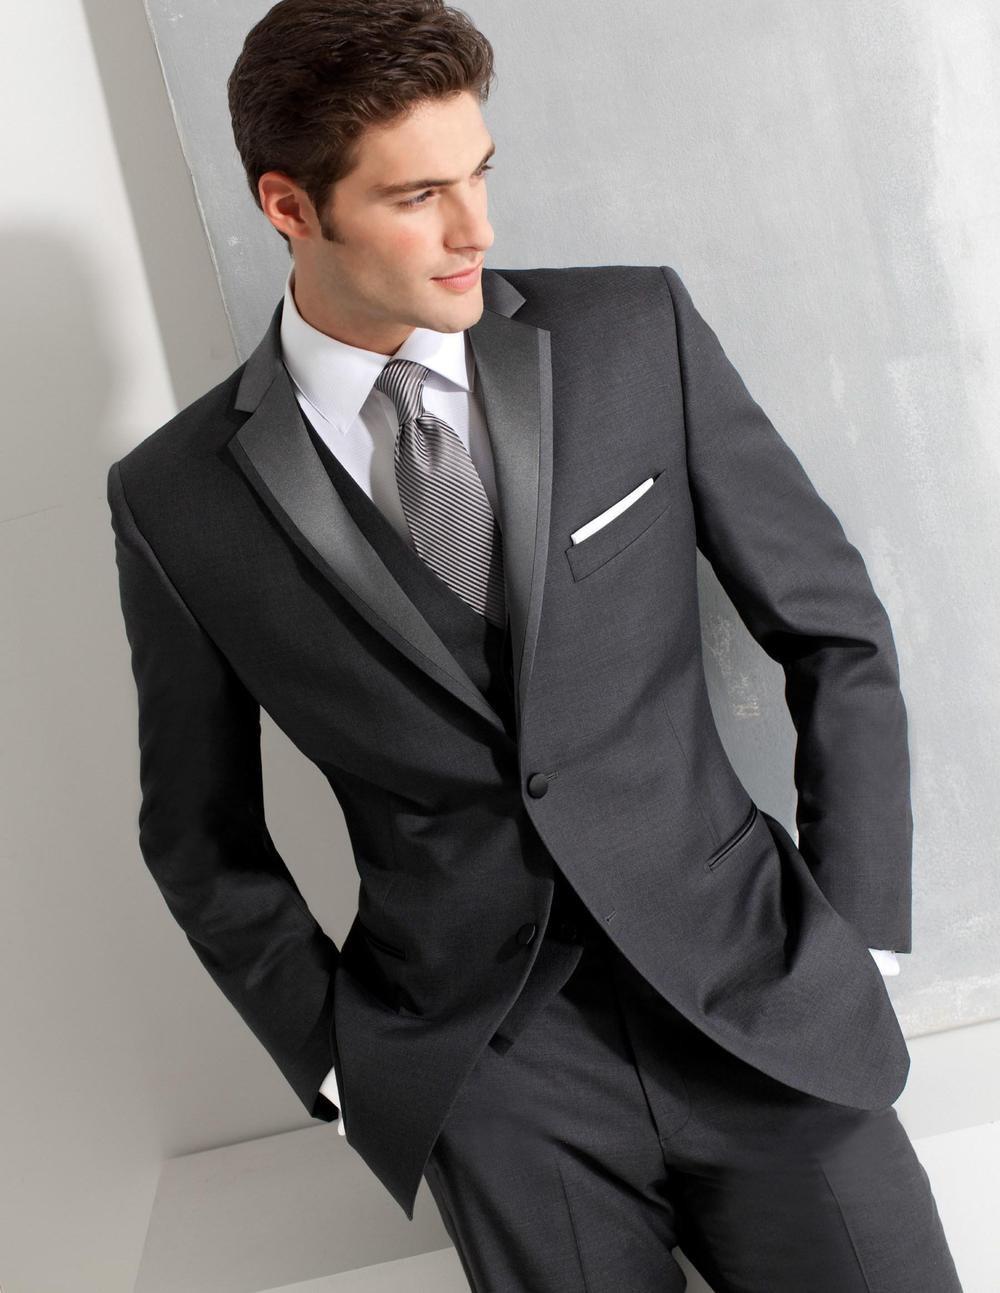 Custom Made Groom Tuxedos Grey Formal Wear Wedding Suits Groomsman/Bridegroom Best Man Suits Wholesale ( Jacket+Pants+Vest )